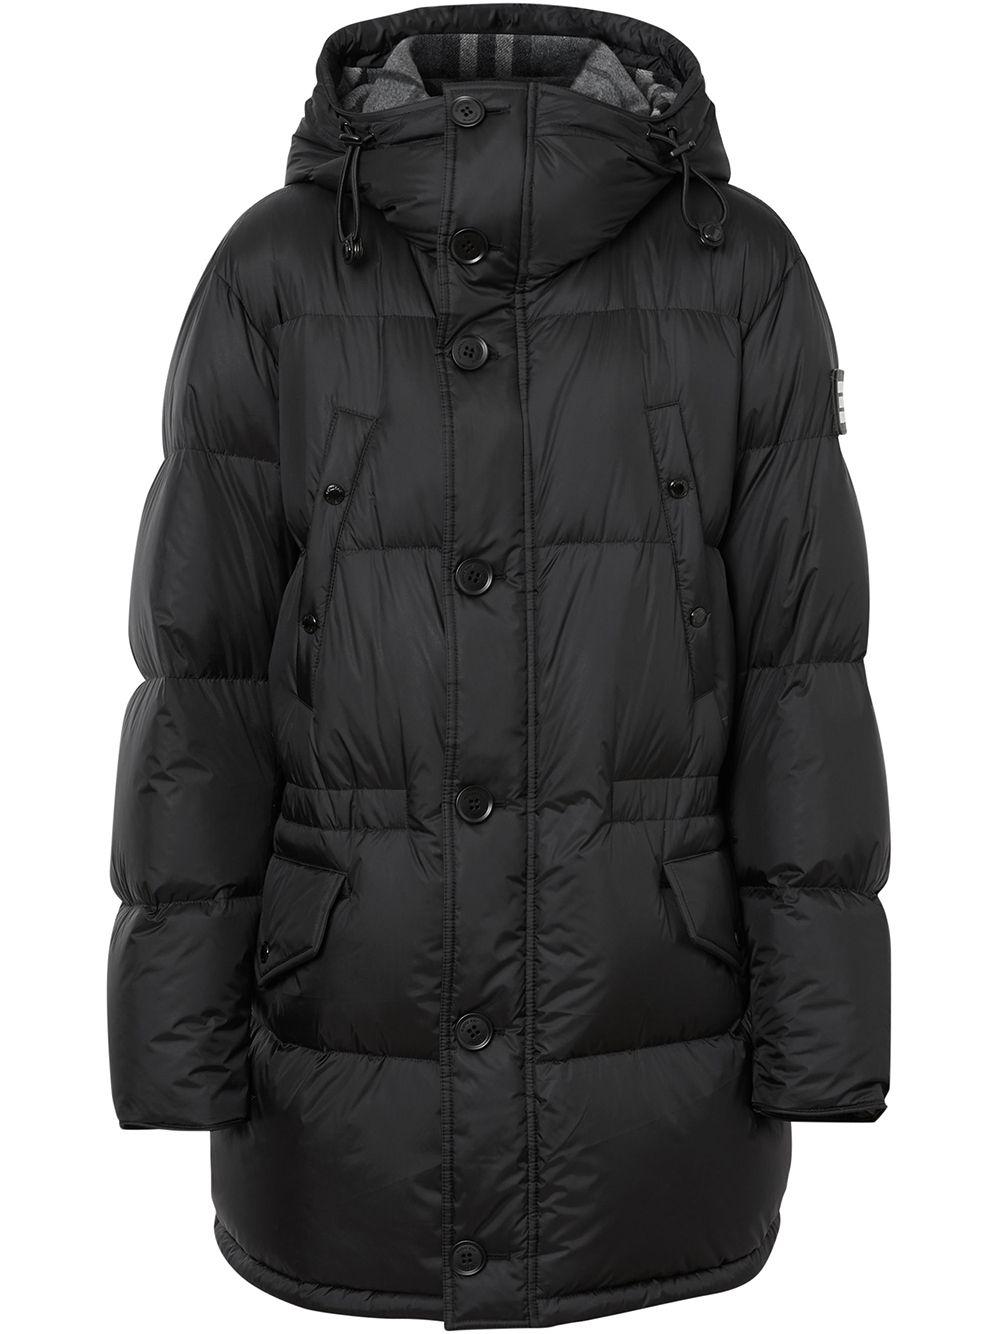 Lockwood Jacket